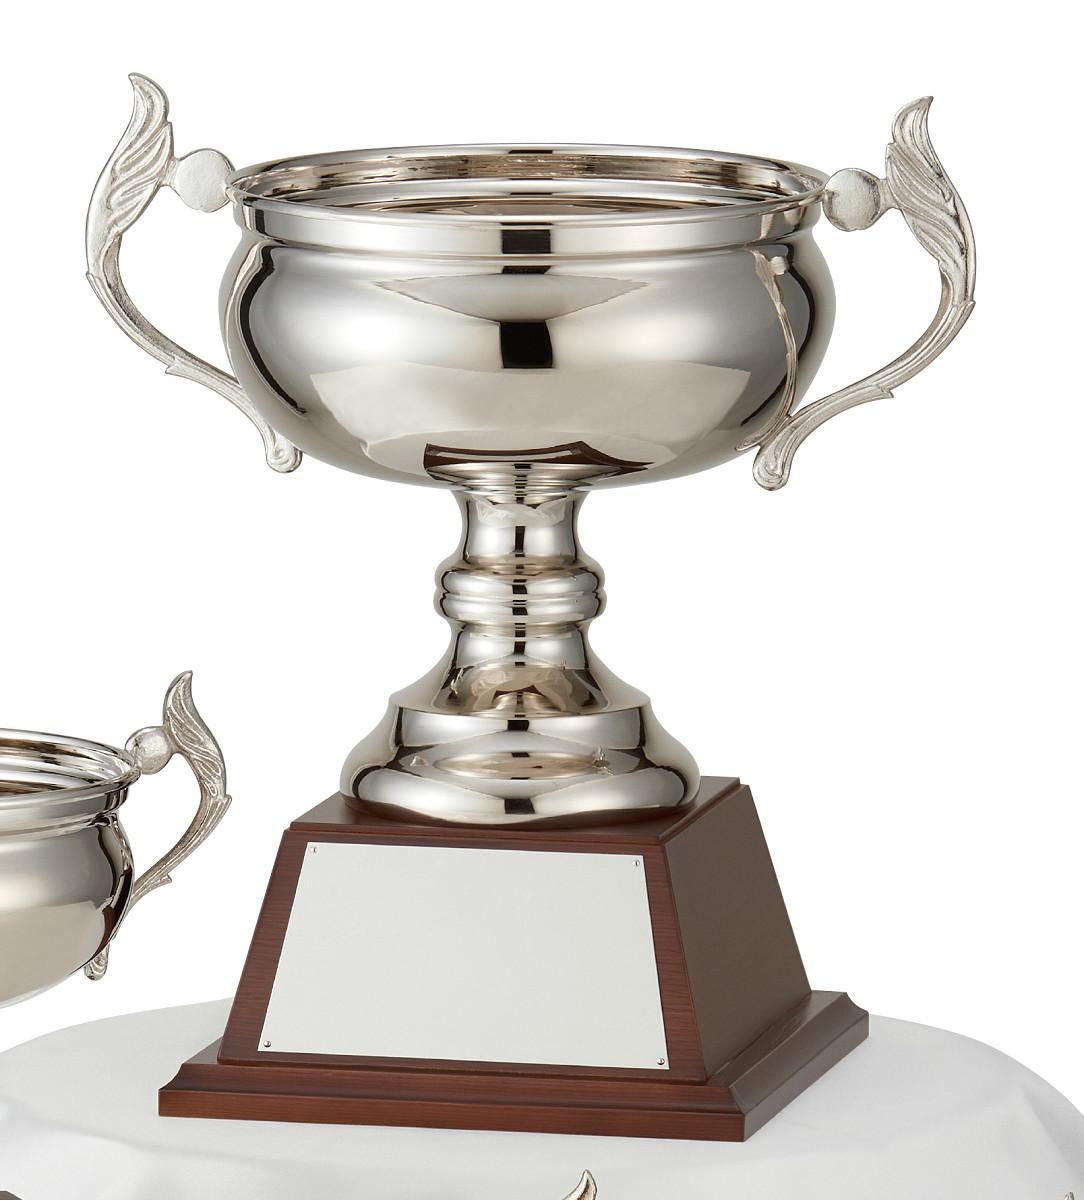 【文字彫刻無料】優勝カップ(C1072A)高さ:41.5cm/リボン無料/真鍮/ハードケース付き